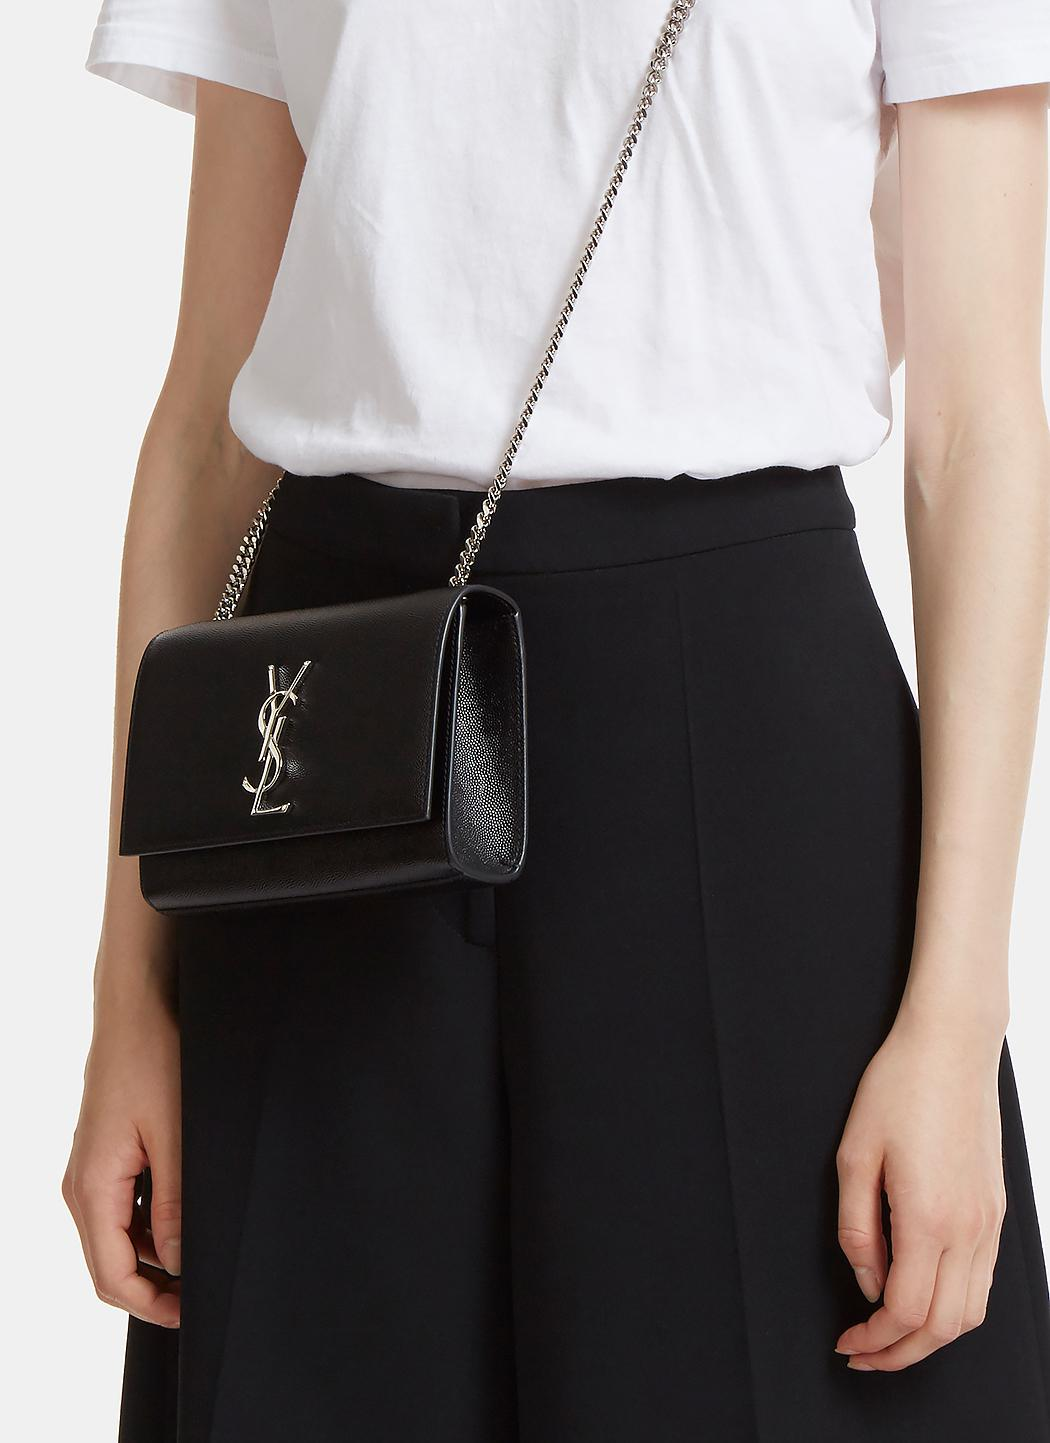 50c08d59071 Saint Laurent Small Kate Grain De Poudre Chain Bag In Black in Black ...